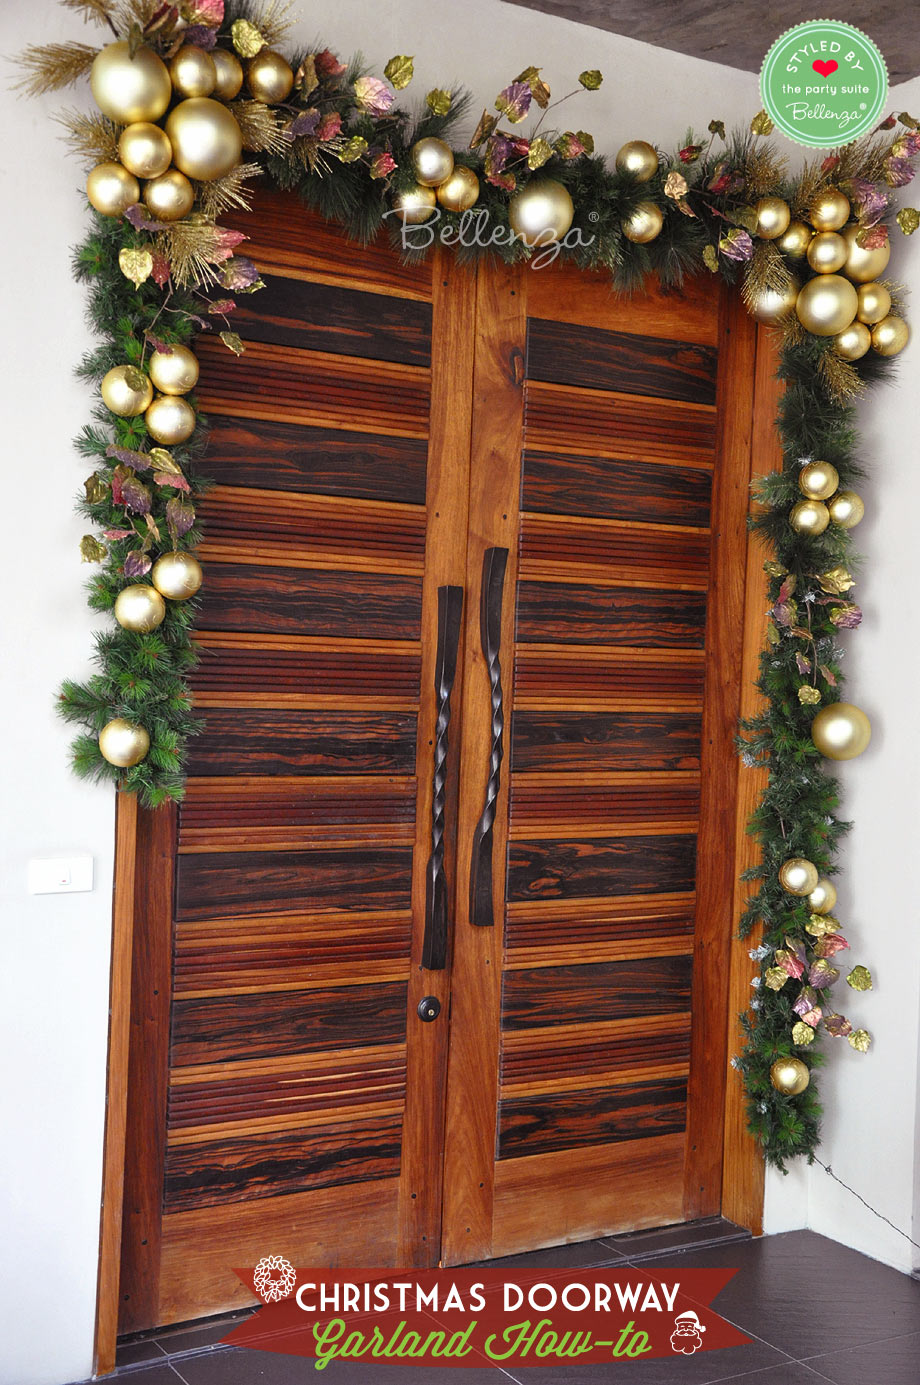 Finished door garland // DIY Christmas door garland by Bellenza.